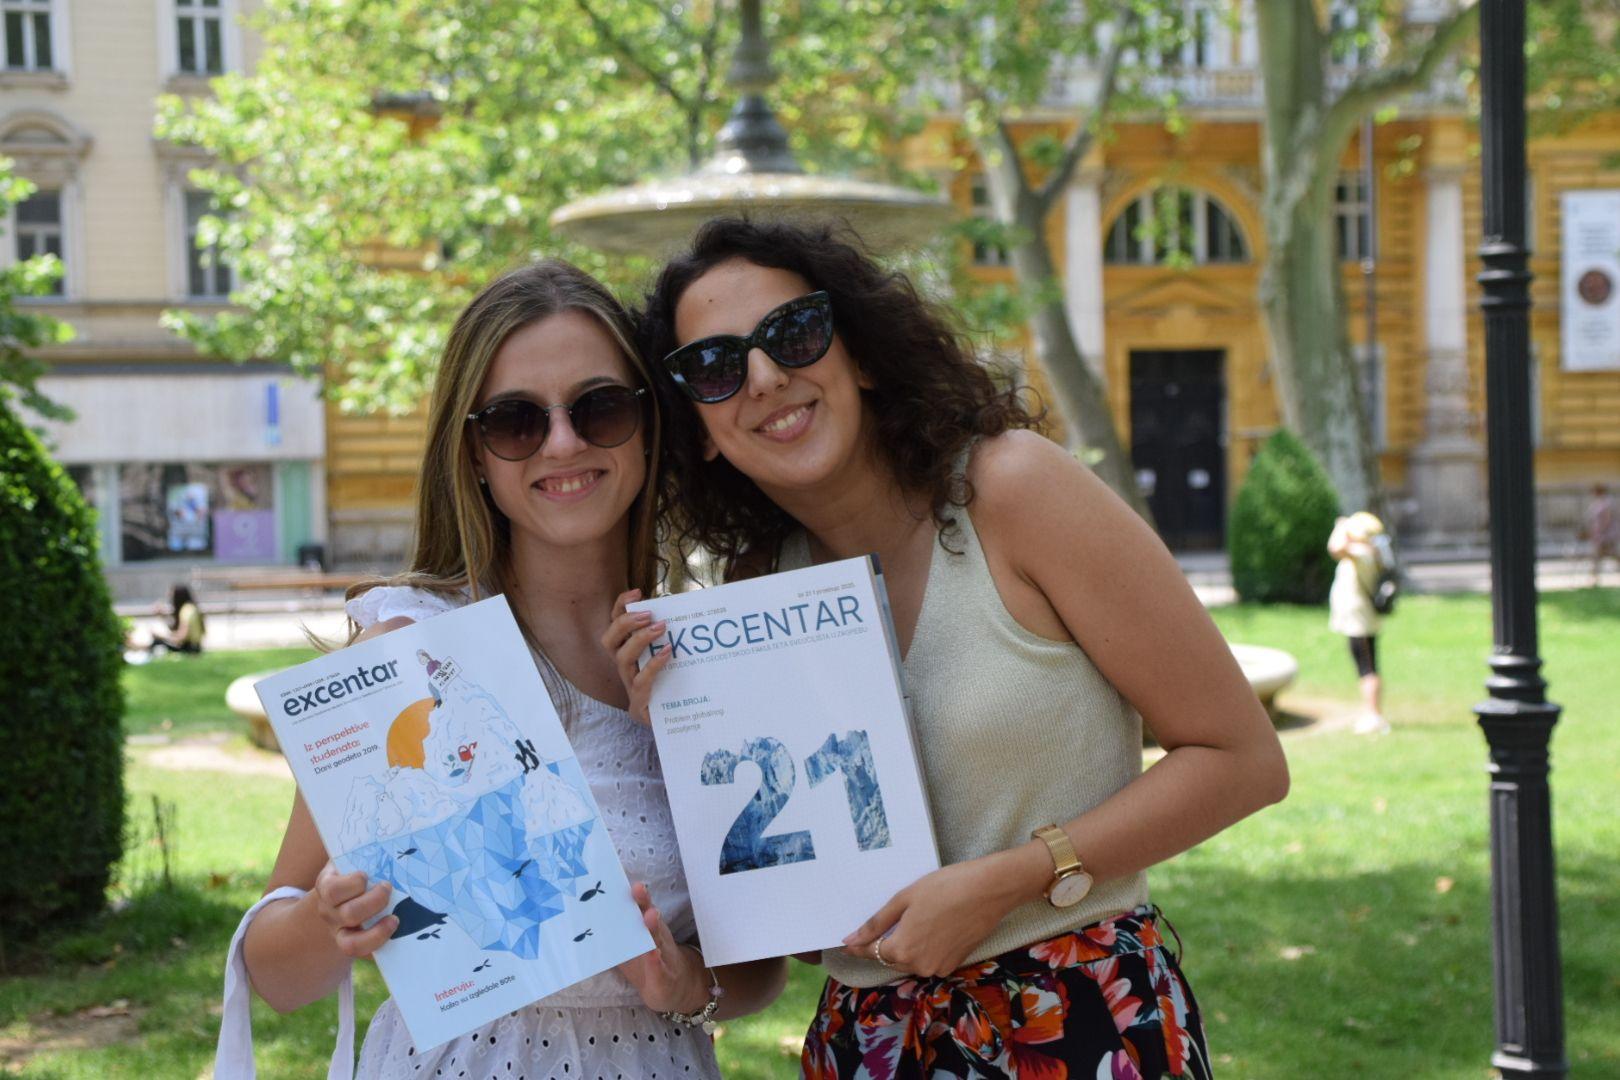 Vrijedni studenti Geodetskog fakulteta izdali još jedan stručni časopis Ekscentar